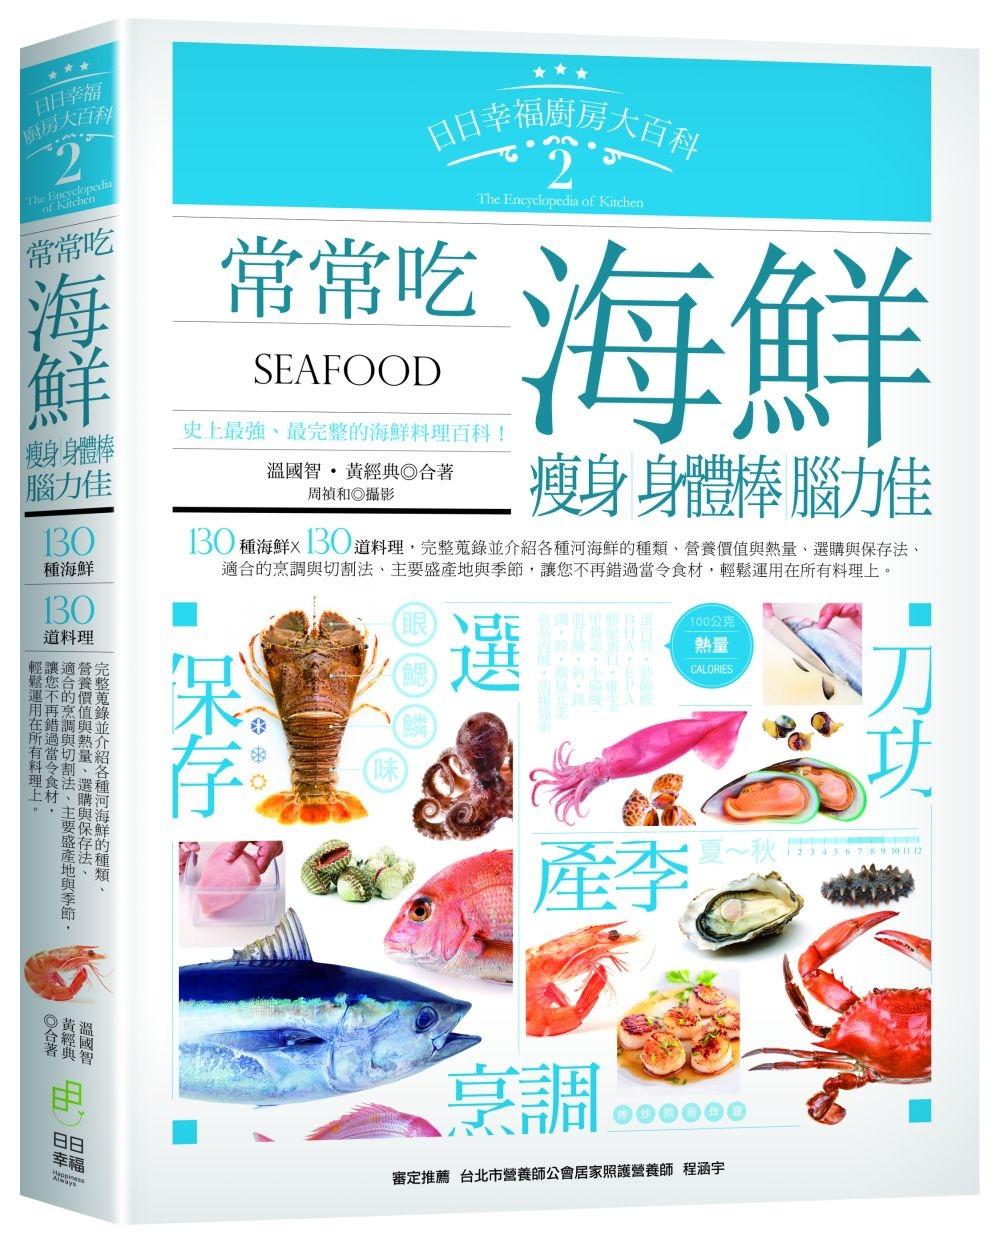 日日幸福廚房大百科2:常常吃海鮮,瘦身、身體棒、腦力佳